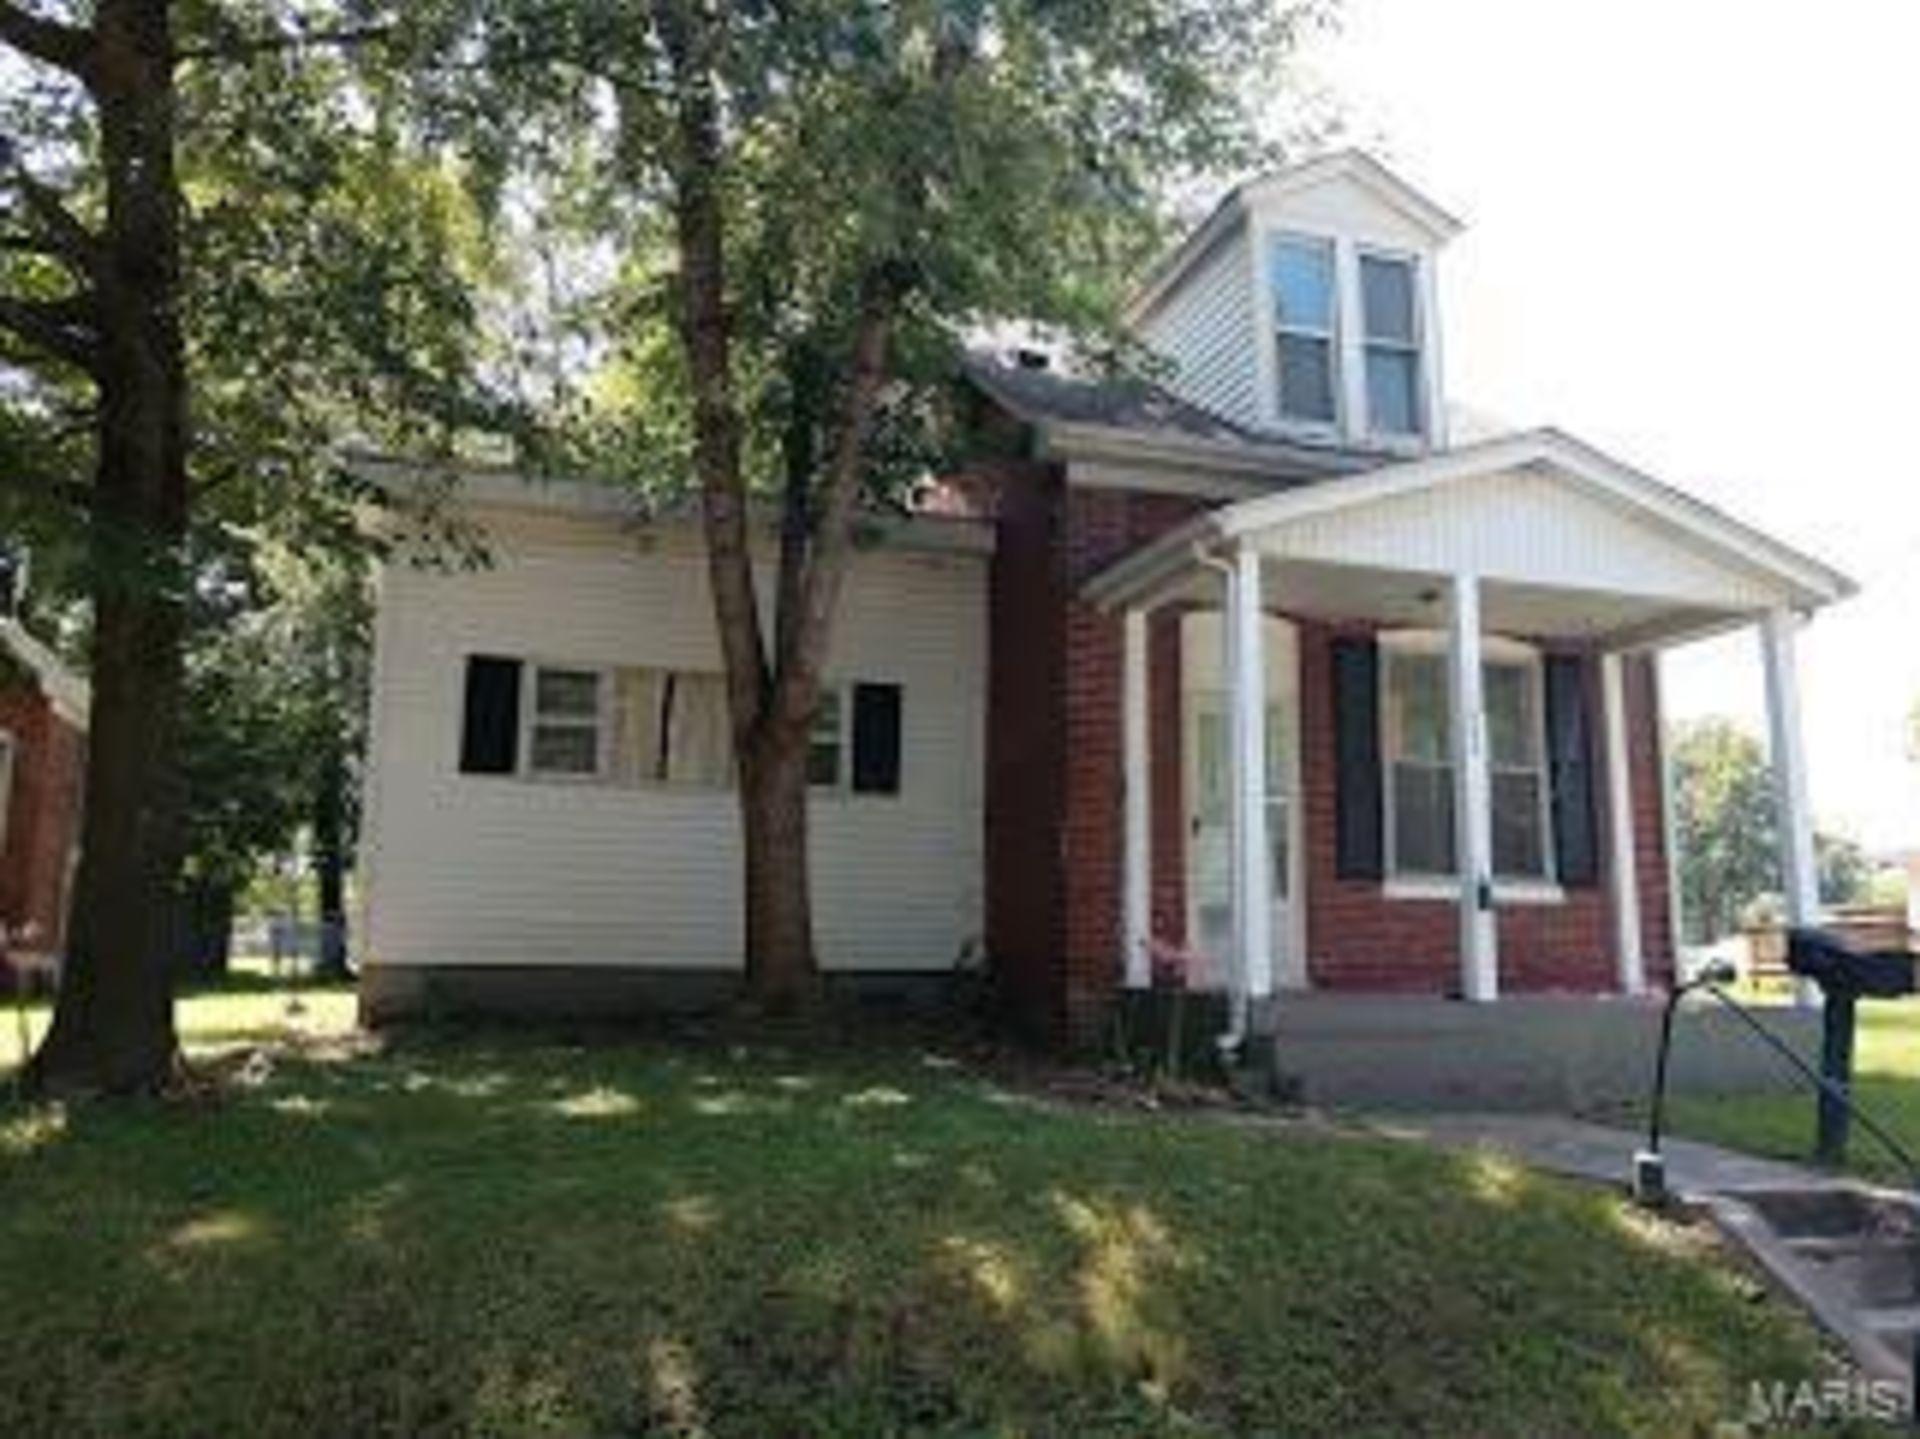 1802 West Adams Street, Belleville IL 62226